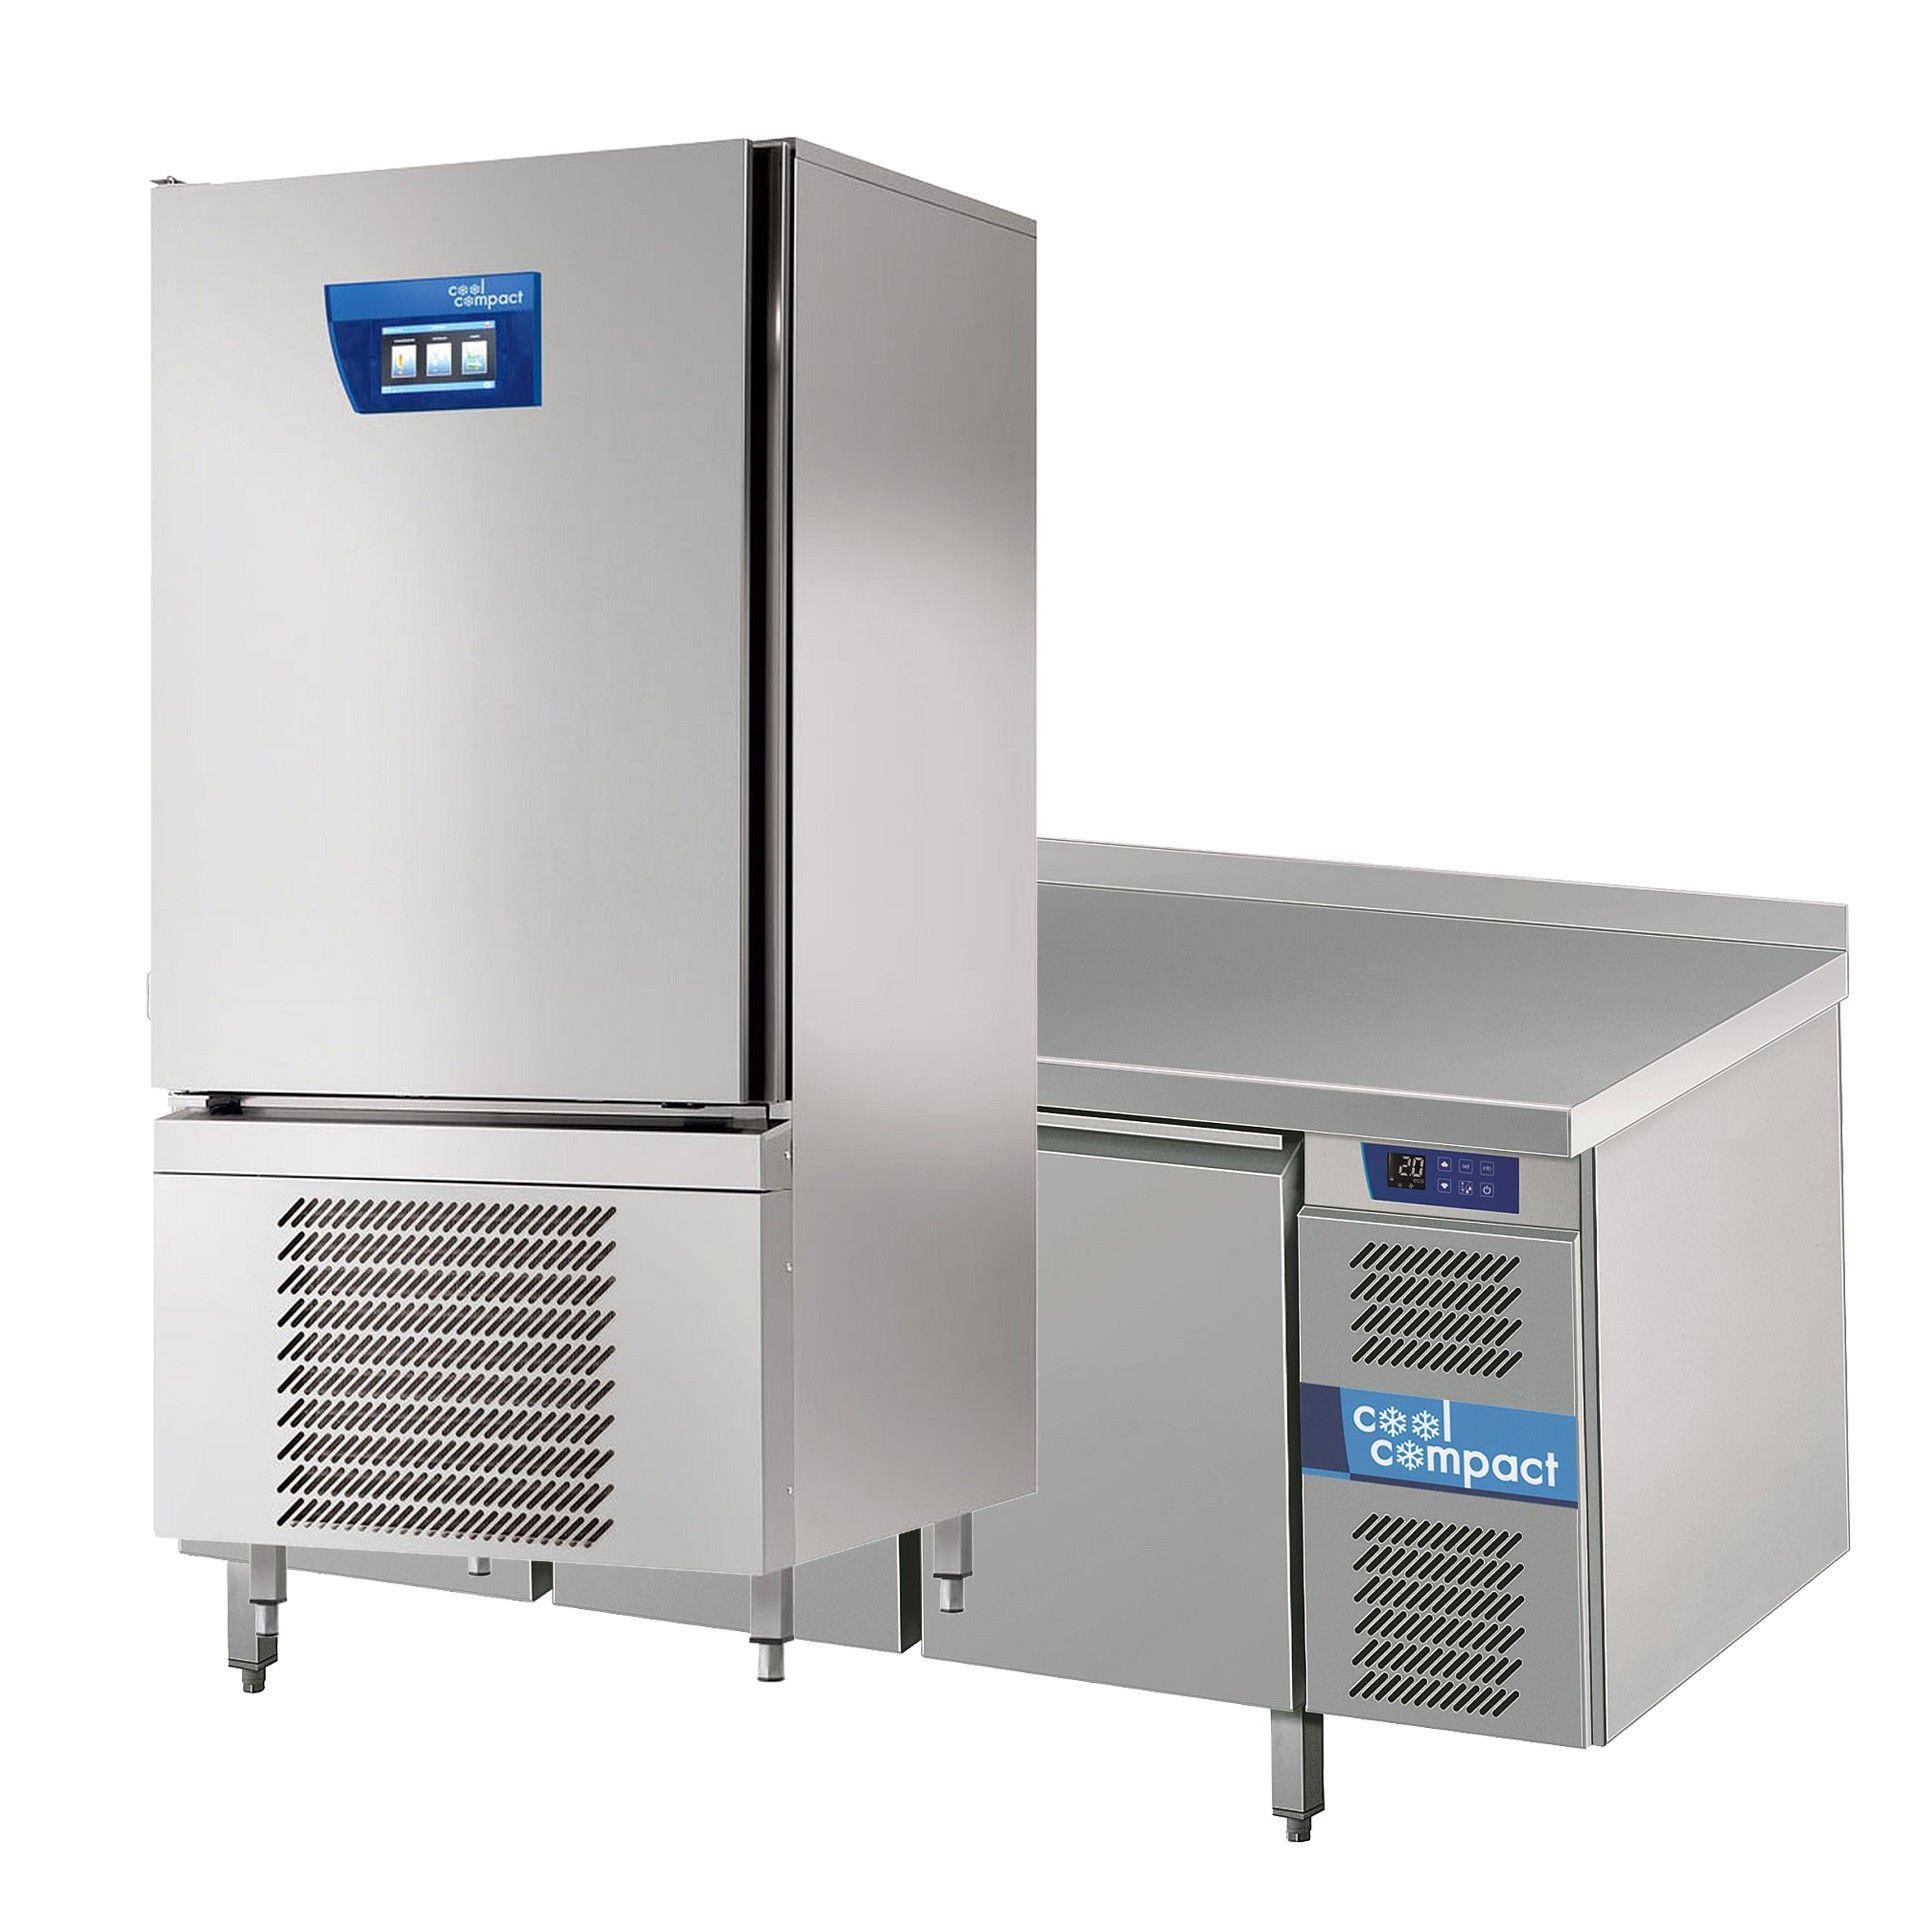 Cool Compact Kühlgeräte